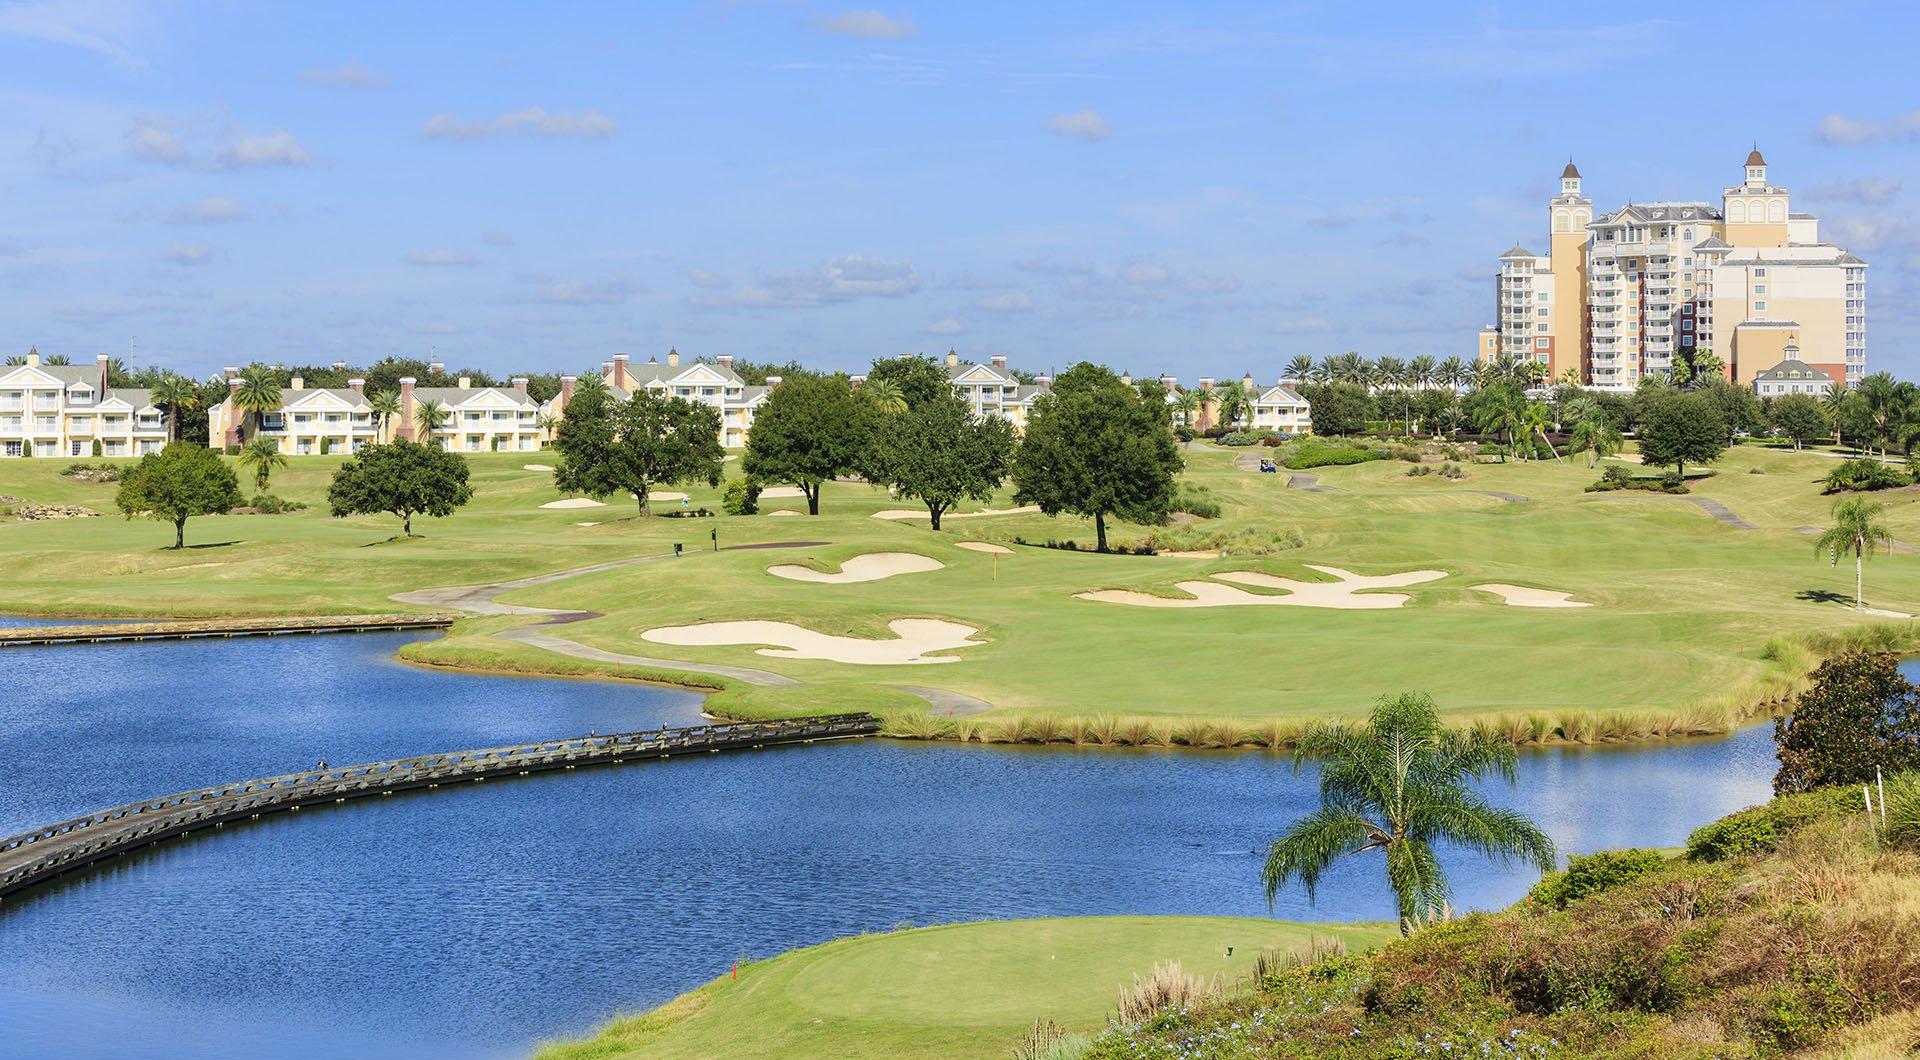 Arnold Palmer Legacy Course